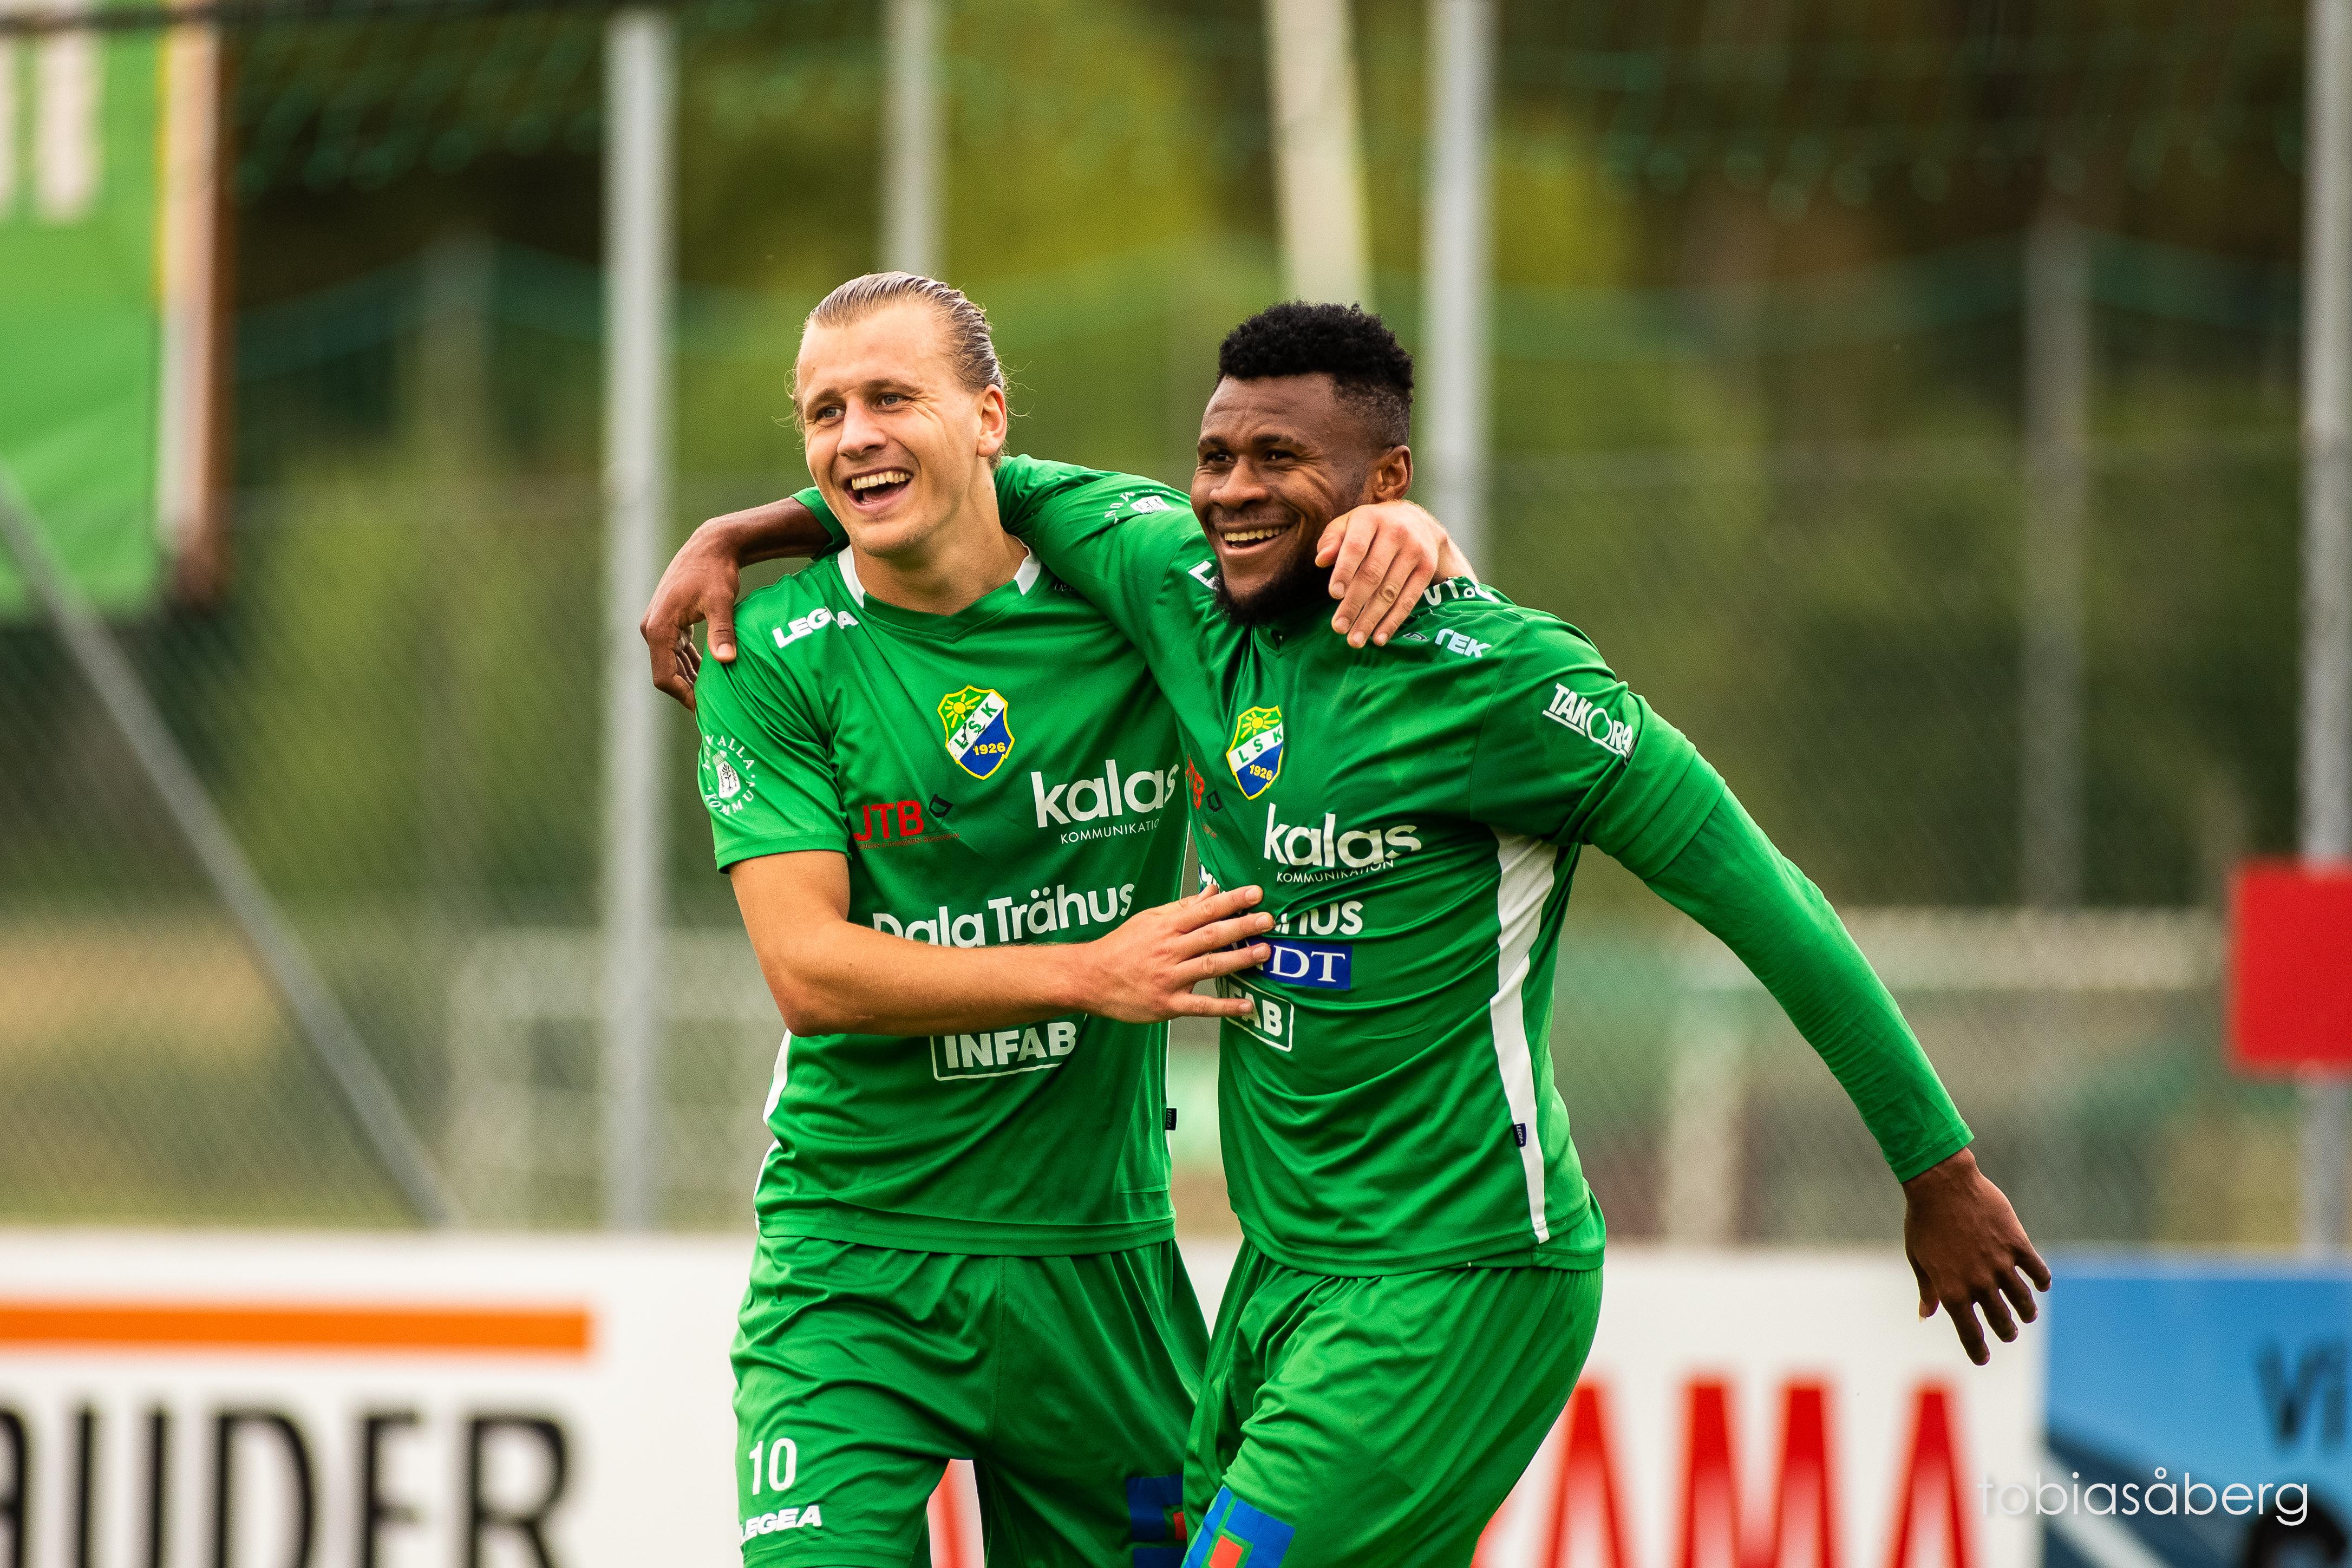 LSK-Oskarshamns AIK 2019-09-01